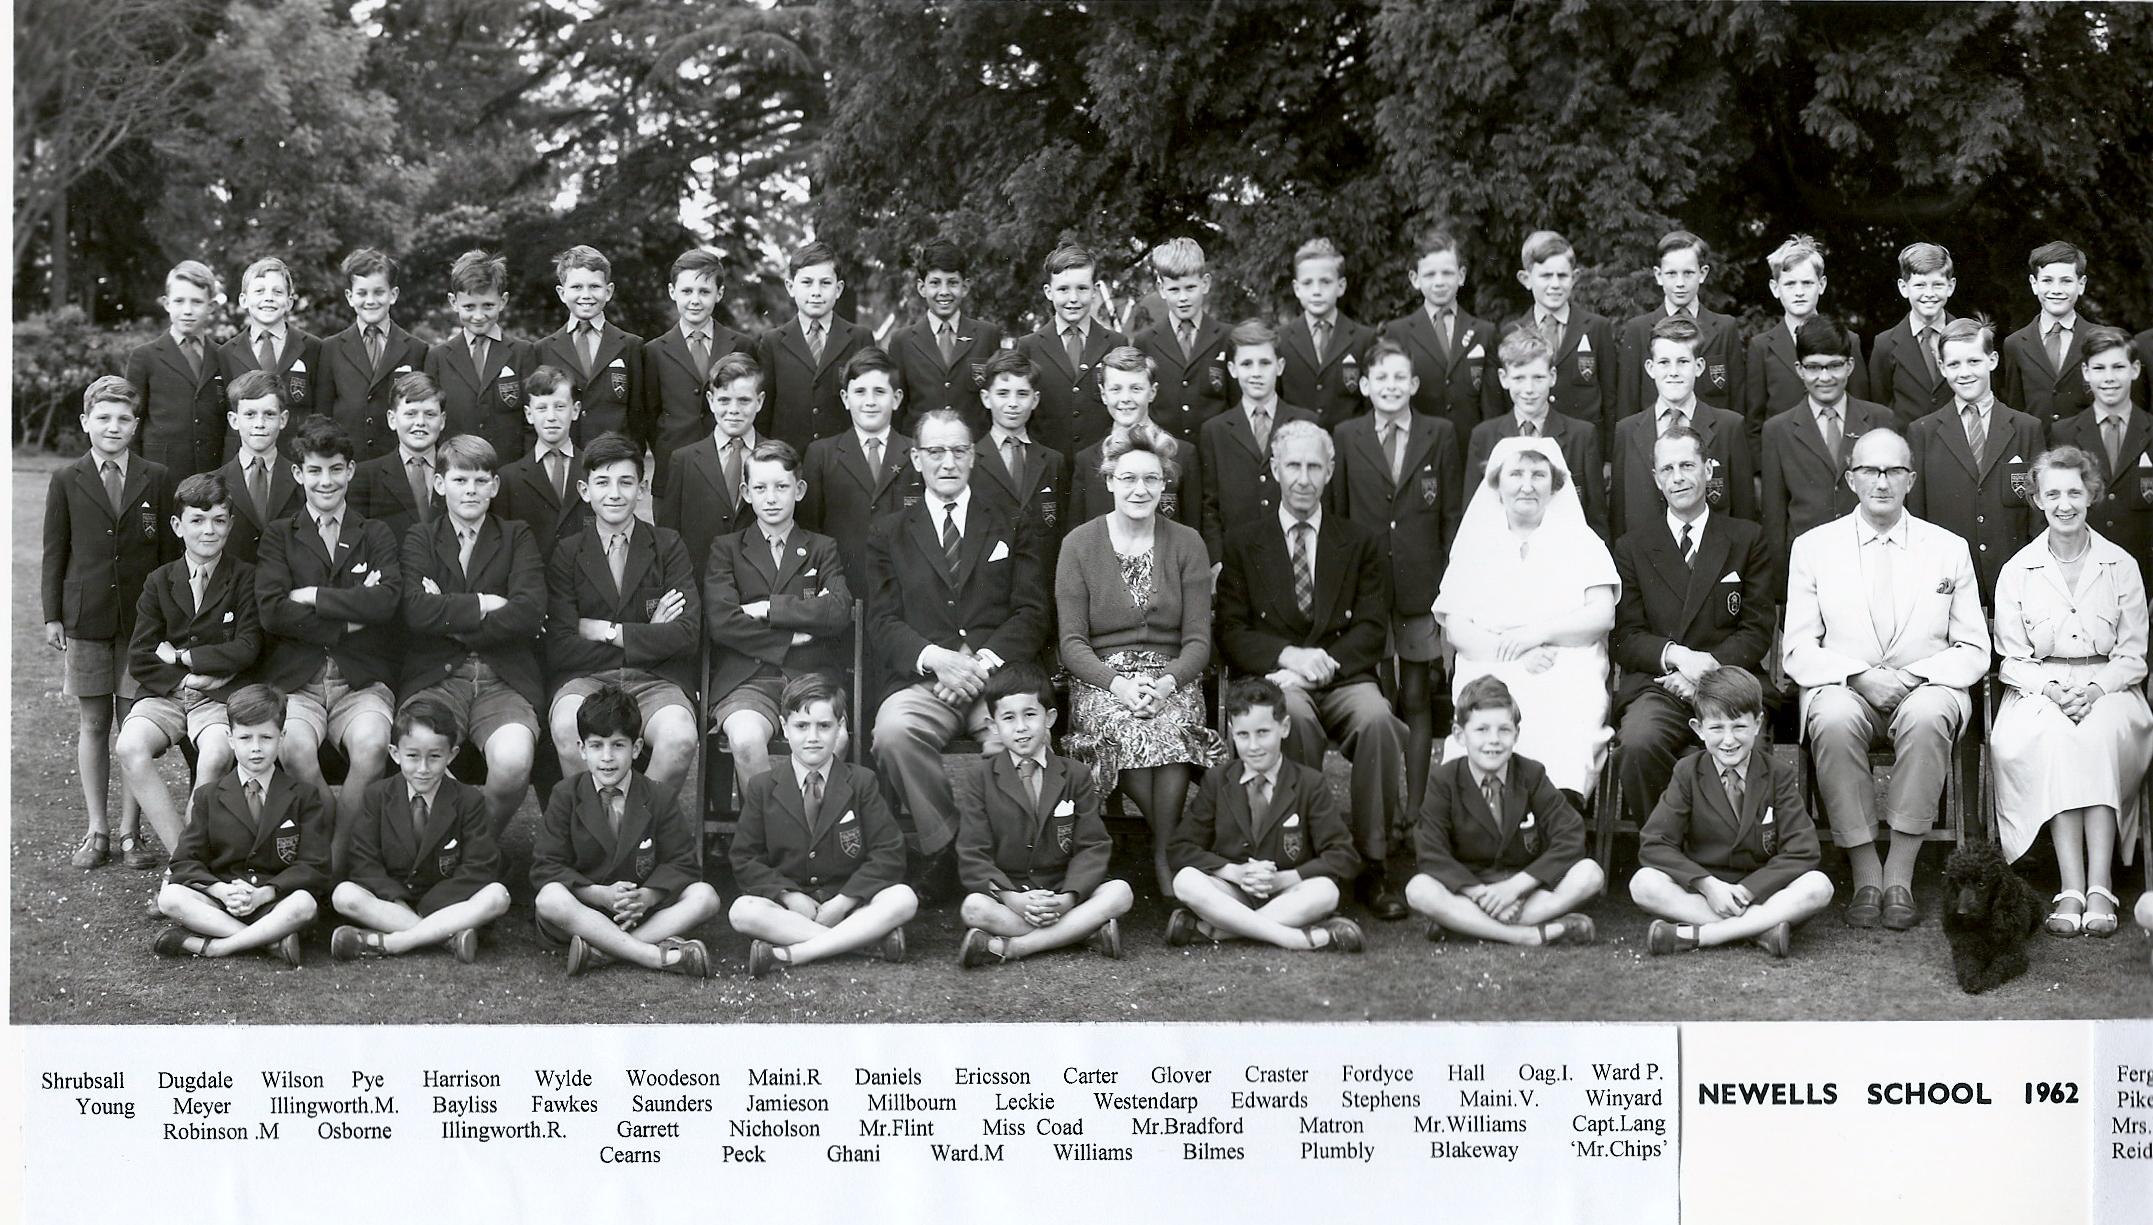 1962 School photo